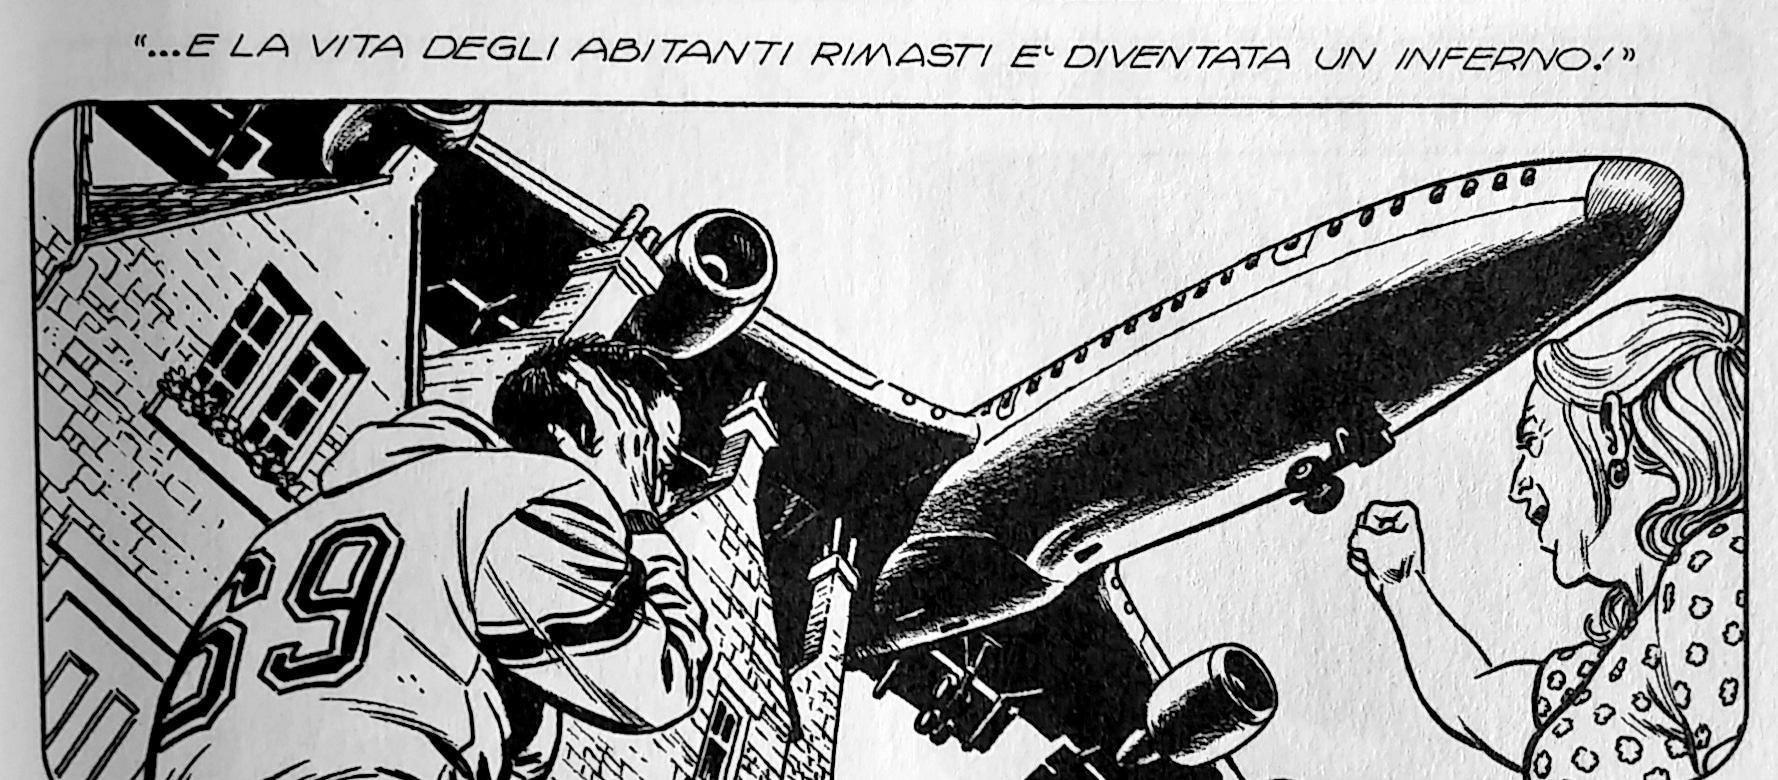 dylan-dog-347-abbandonati (2)